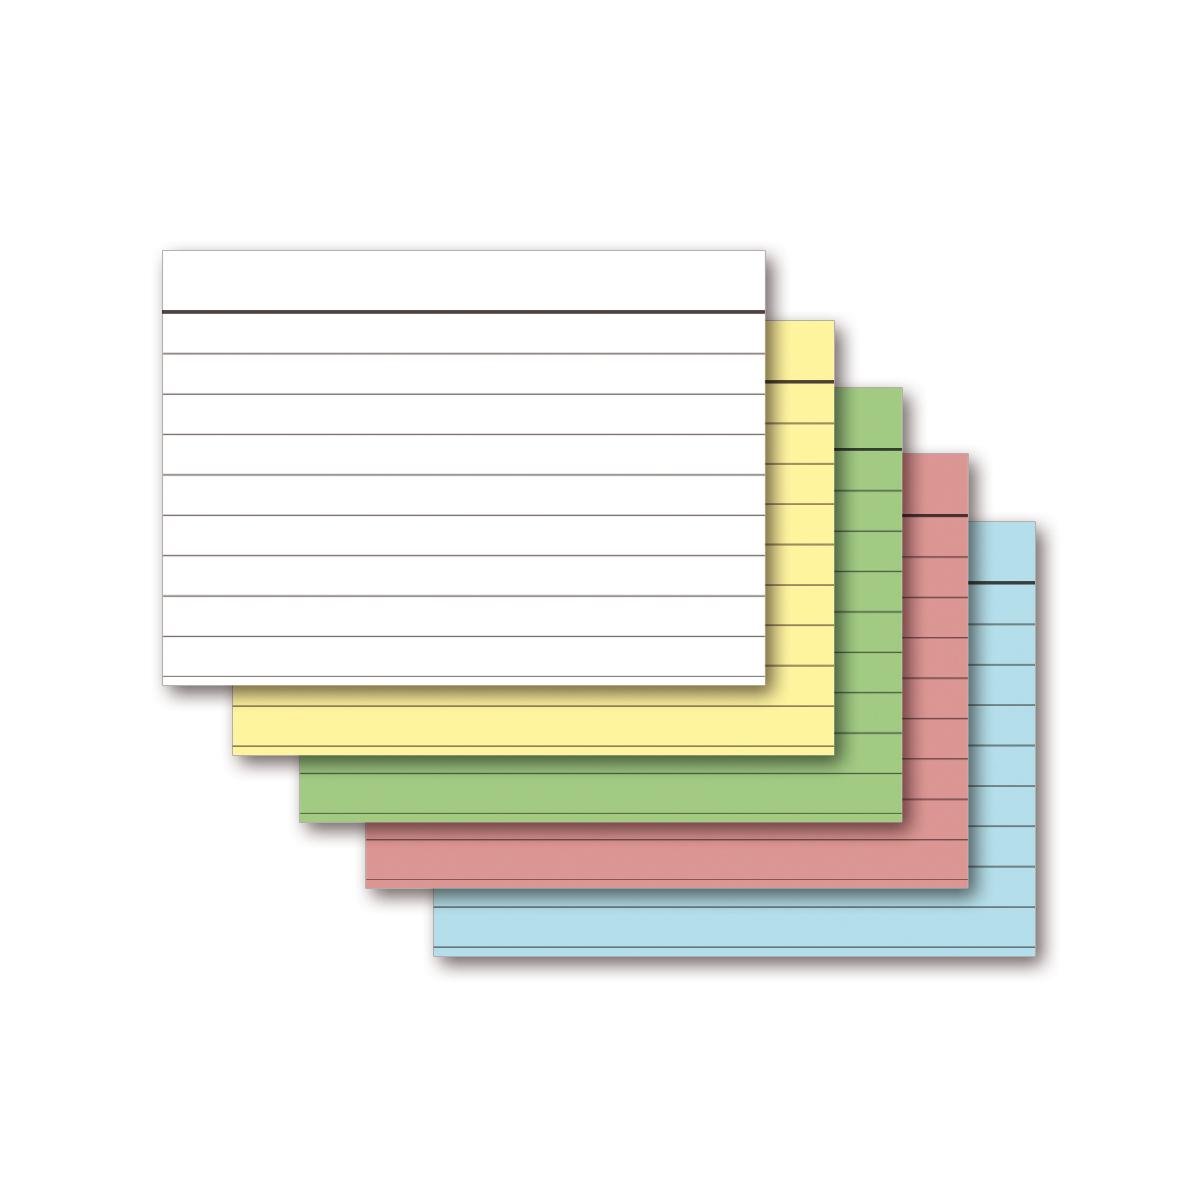 500 st ck karteikarten a6 5 farben gemischt liniert 160g m ademo papeterie. Black Bedroom Furniture Sets. Home Design Ideas